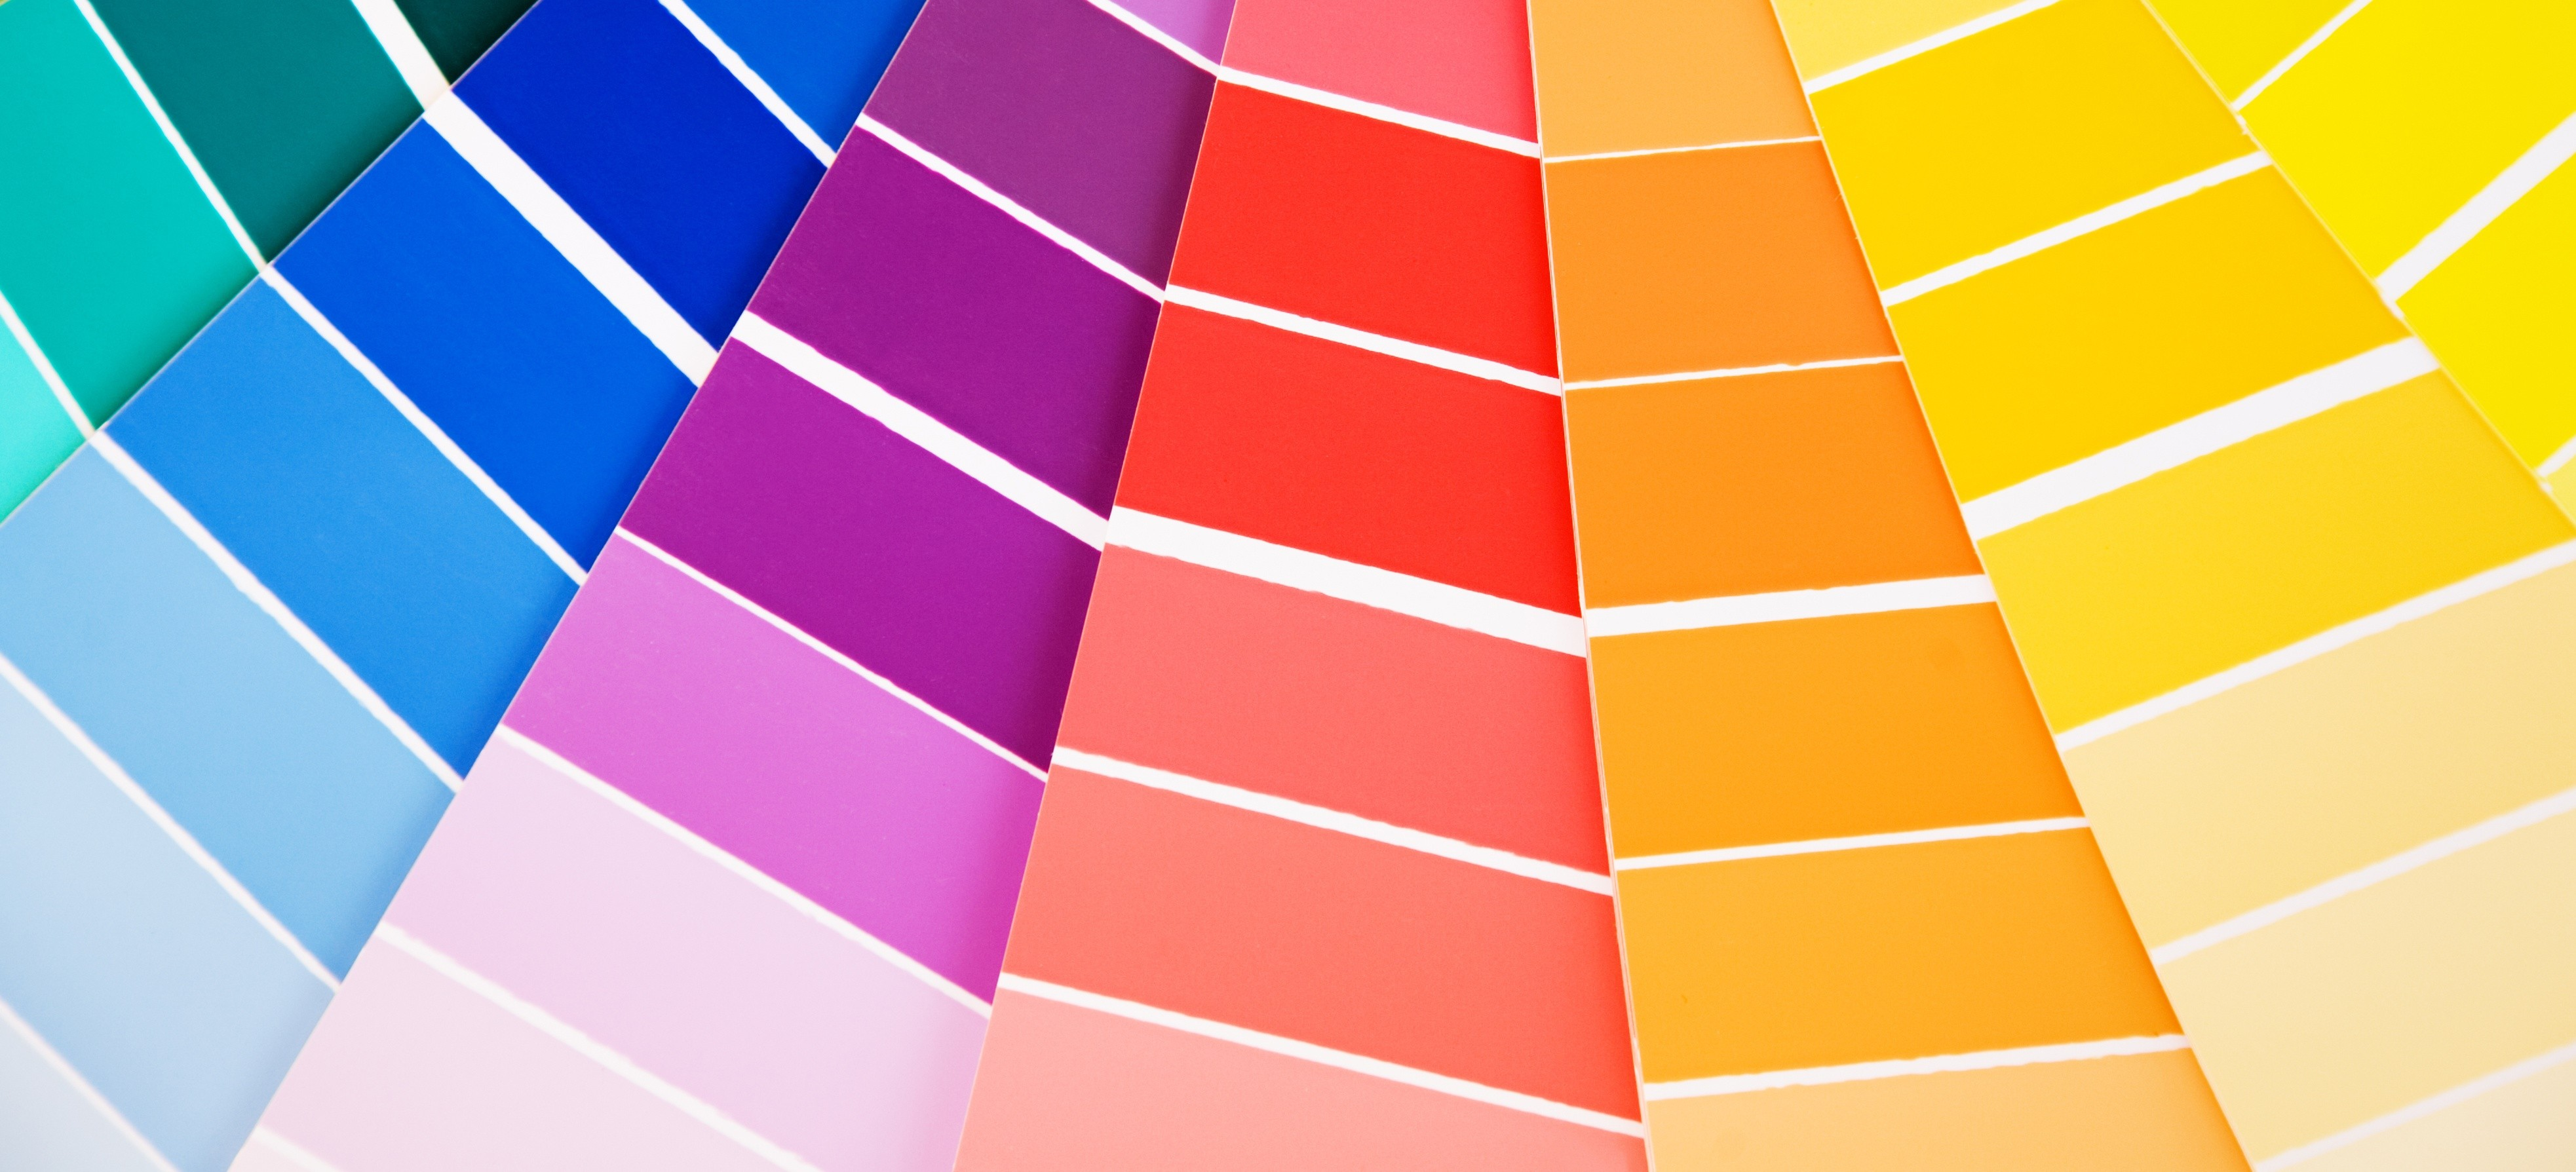 Colores de pintura for Muestras de colores de pintura